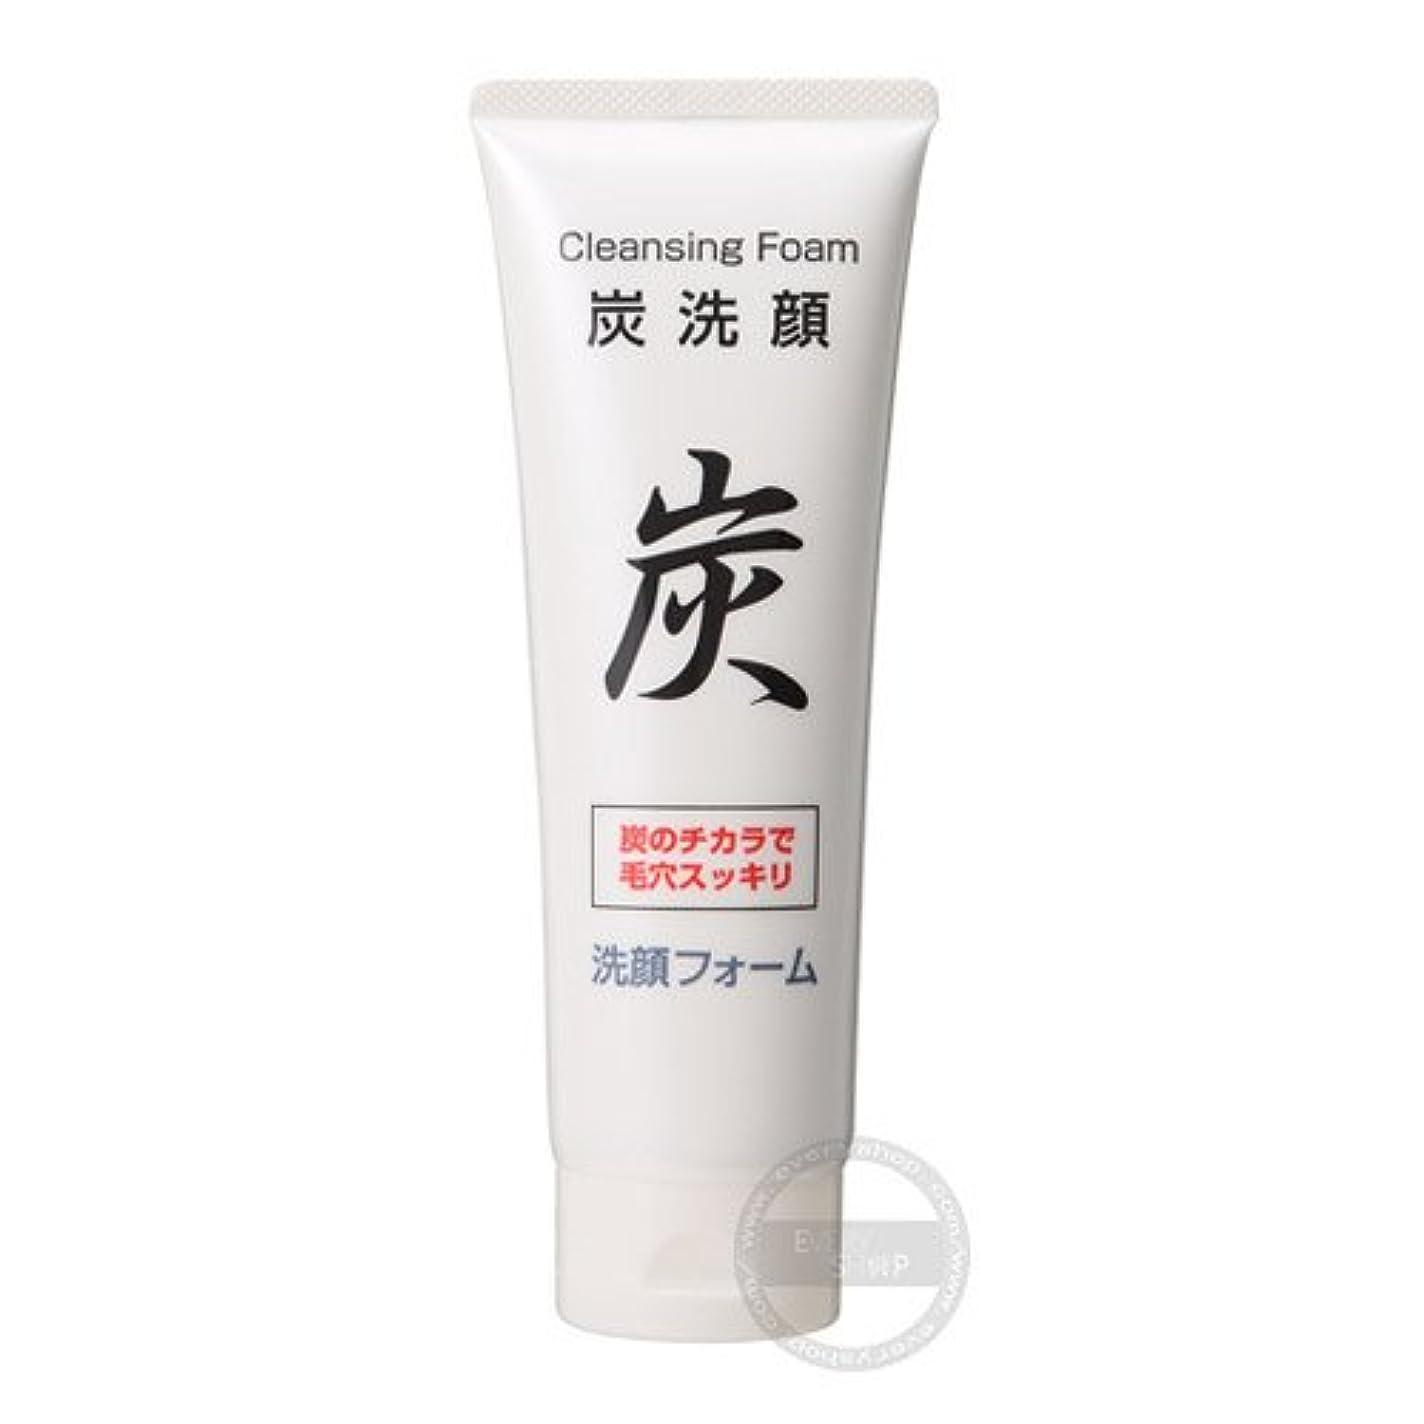 なかなか免除する砂漠炭洗顔 洗顔フォーム‐KH544725